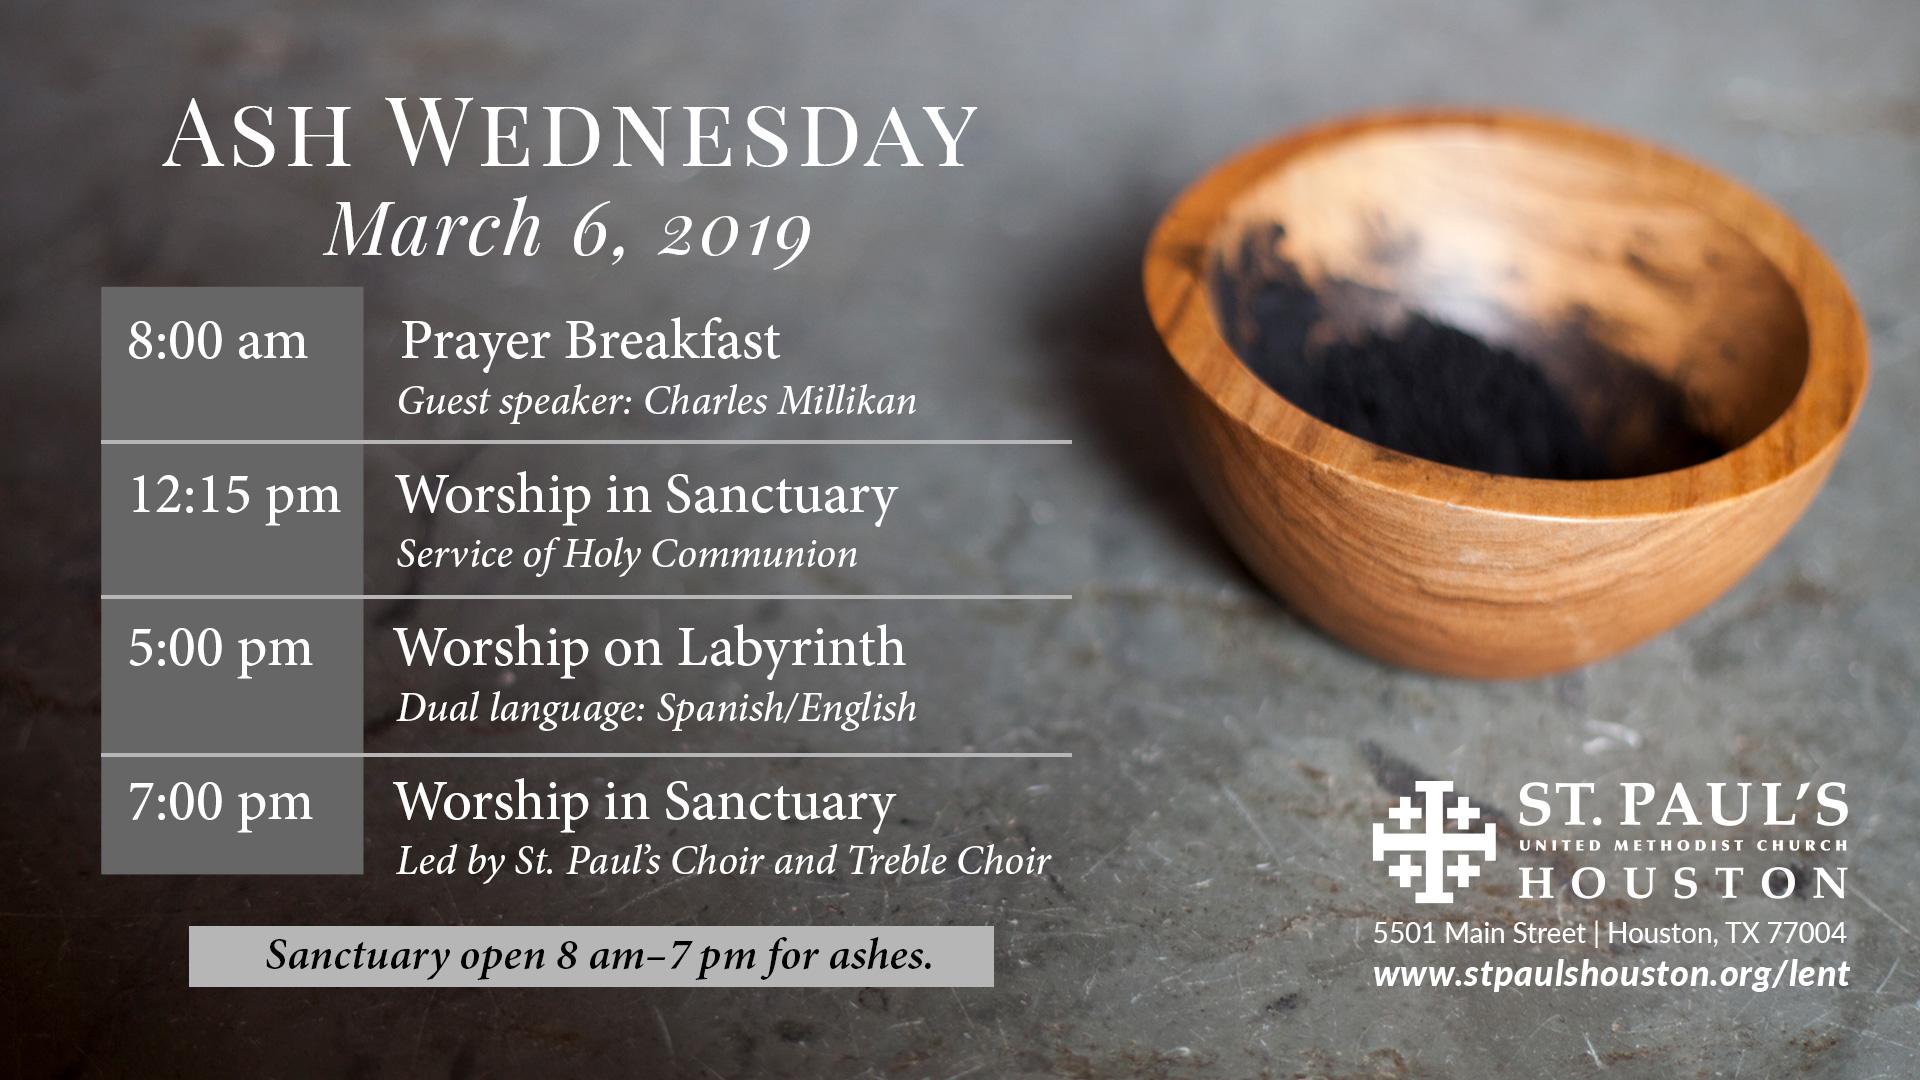 16x9-ash-wednesday-schedule-2019.jpg